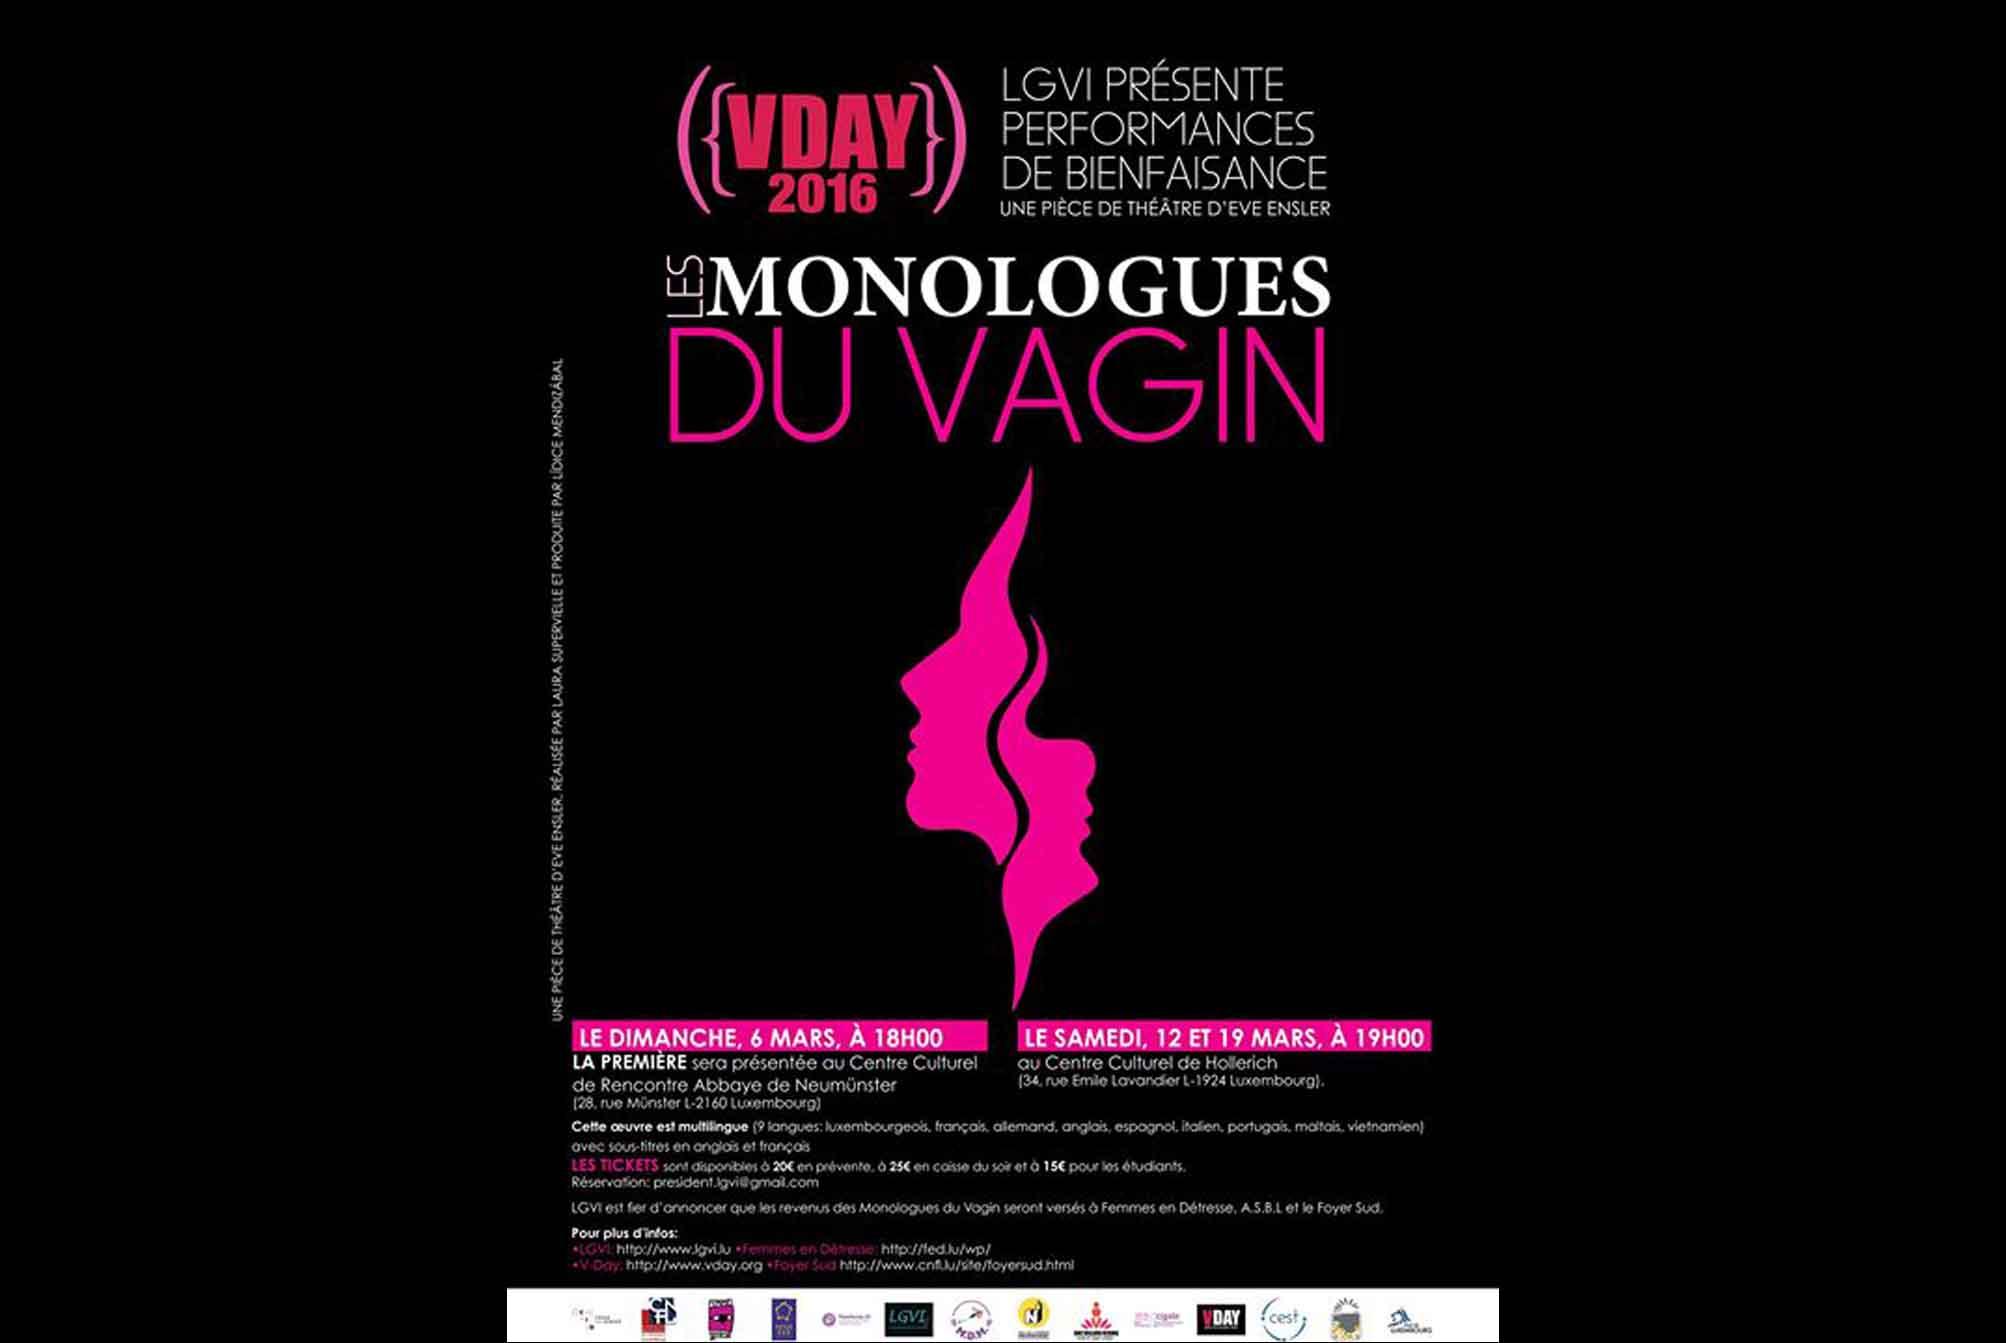 Legato People - Monologue du vagin